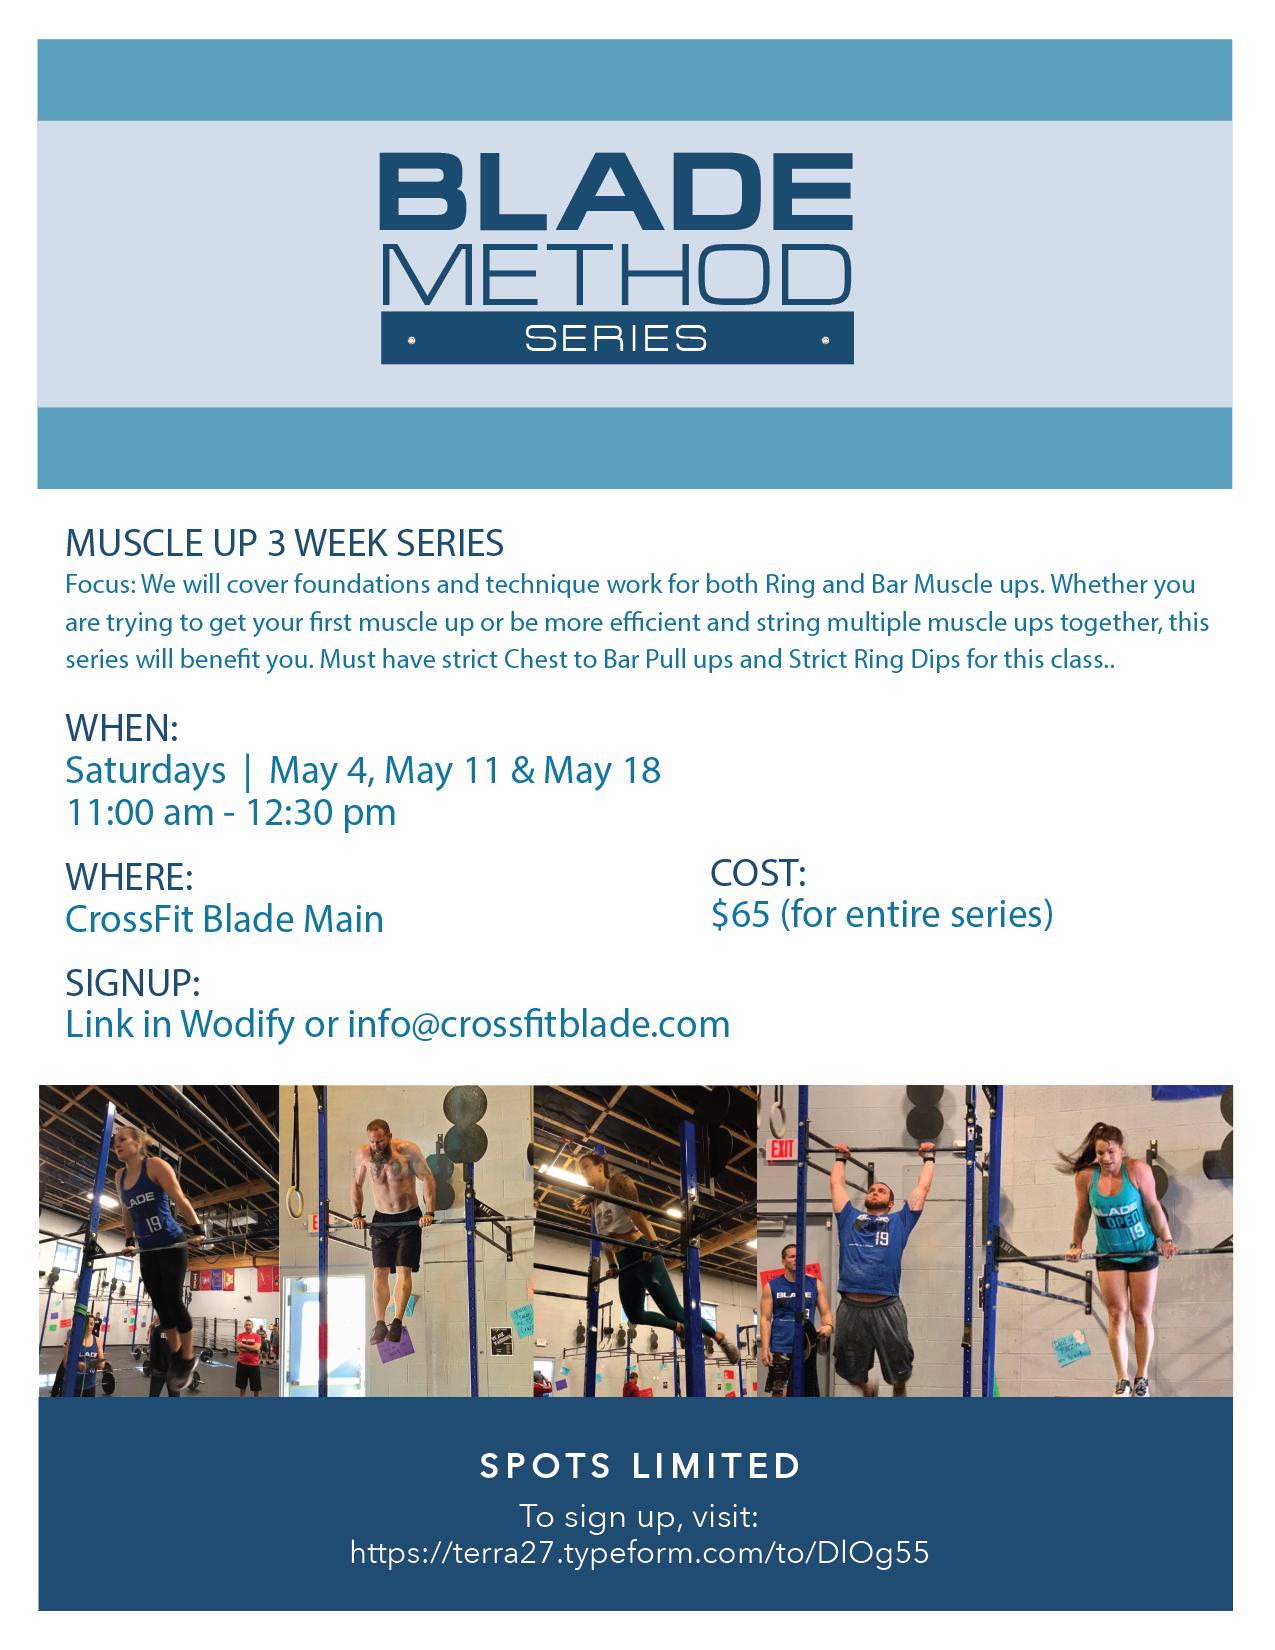 MuscleUp_Series_May-01.png